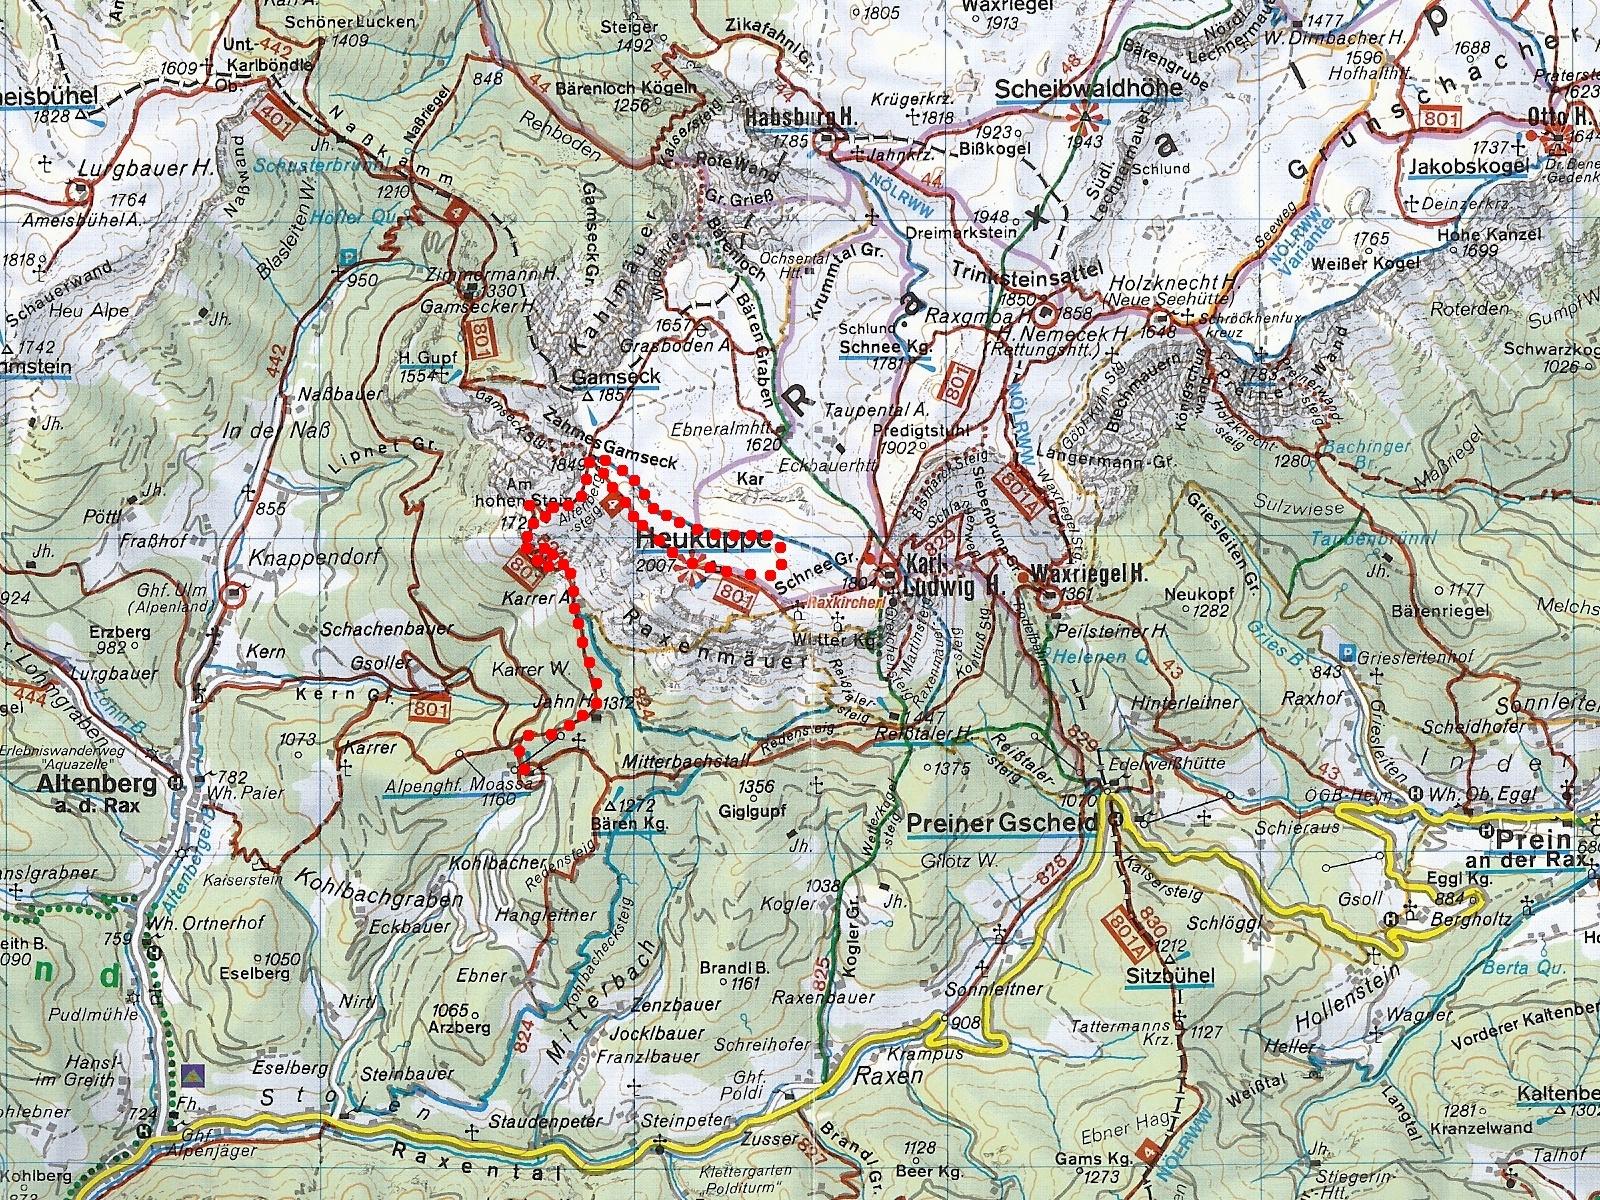 ausztria turista térkép Térképek   Úton útfélen ausztria turista térkép